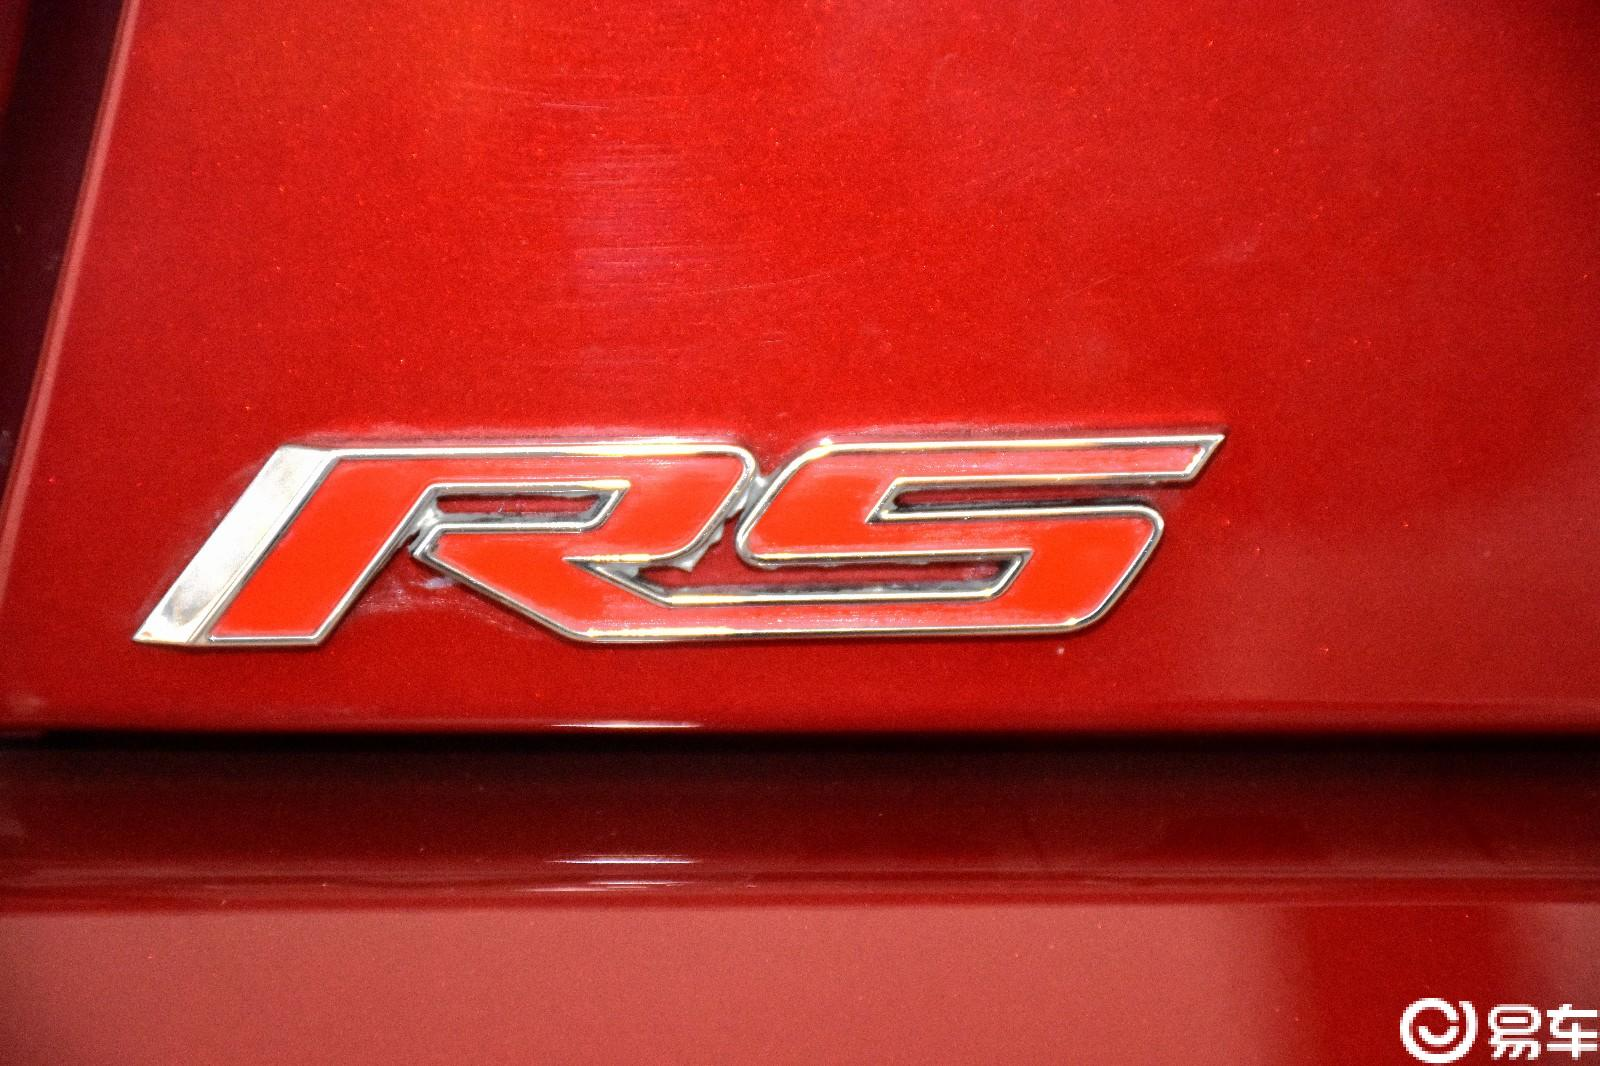 【穿越说车】----近距离静态评测雪佛兰科迈罗RS